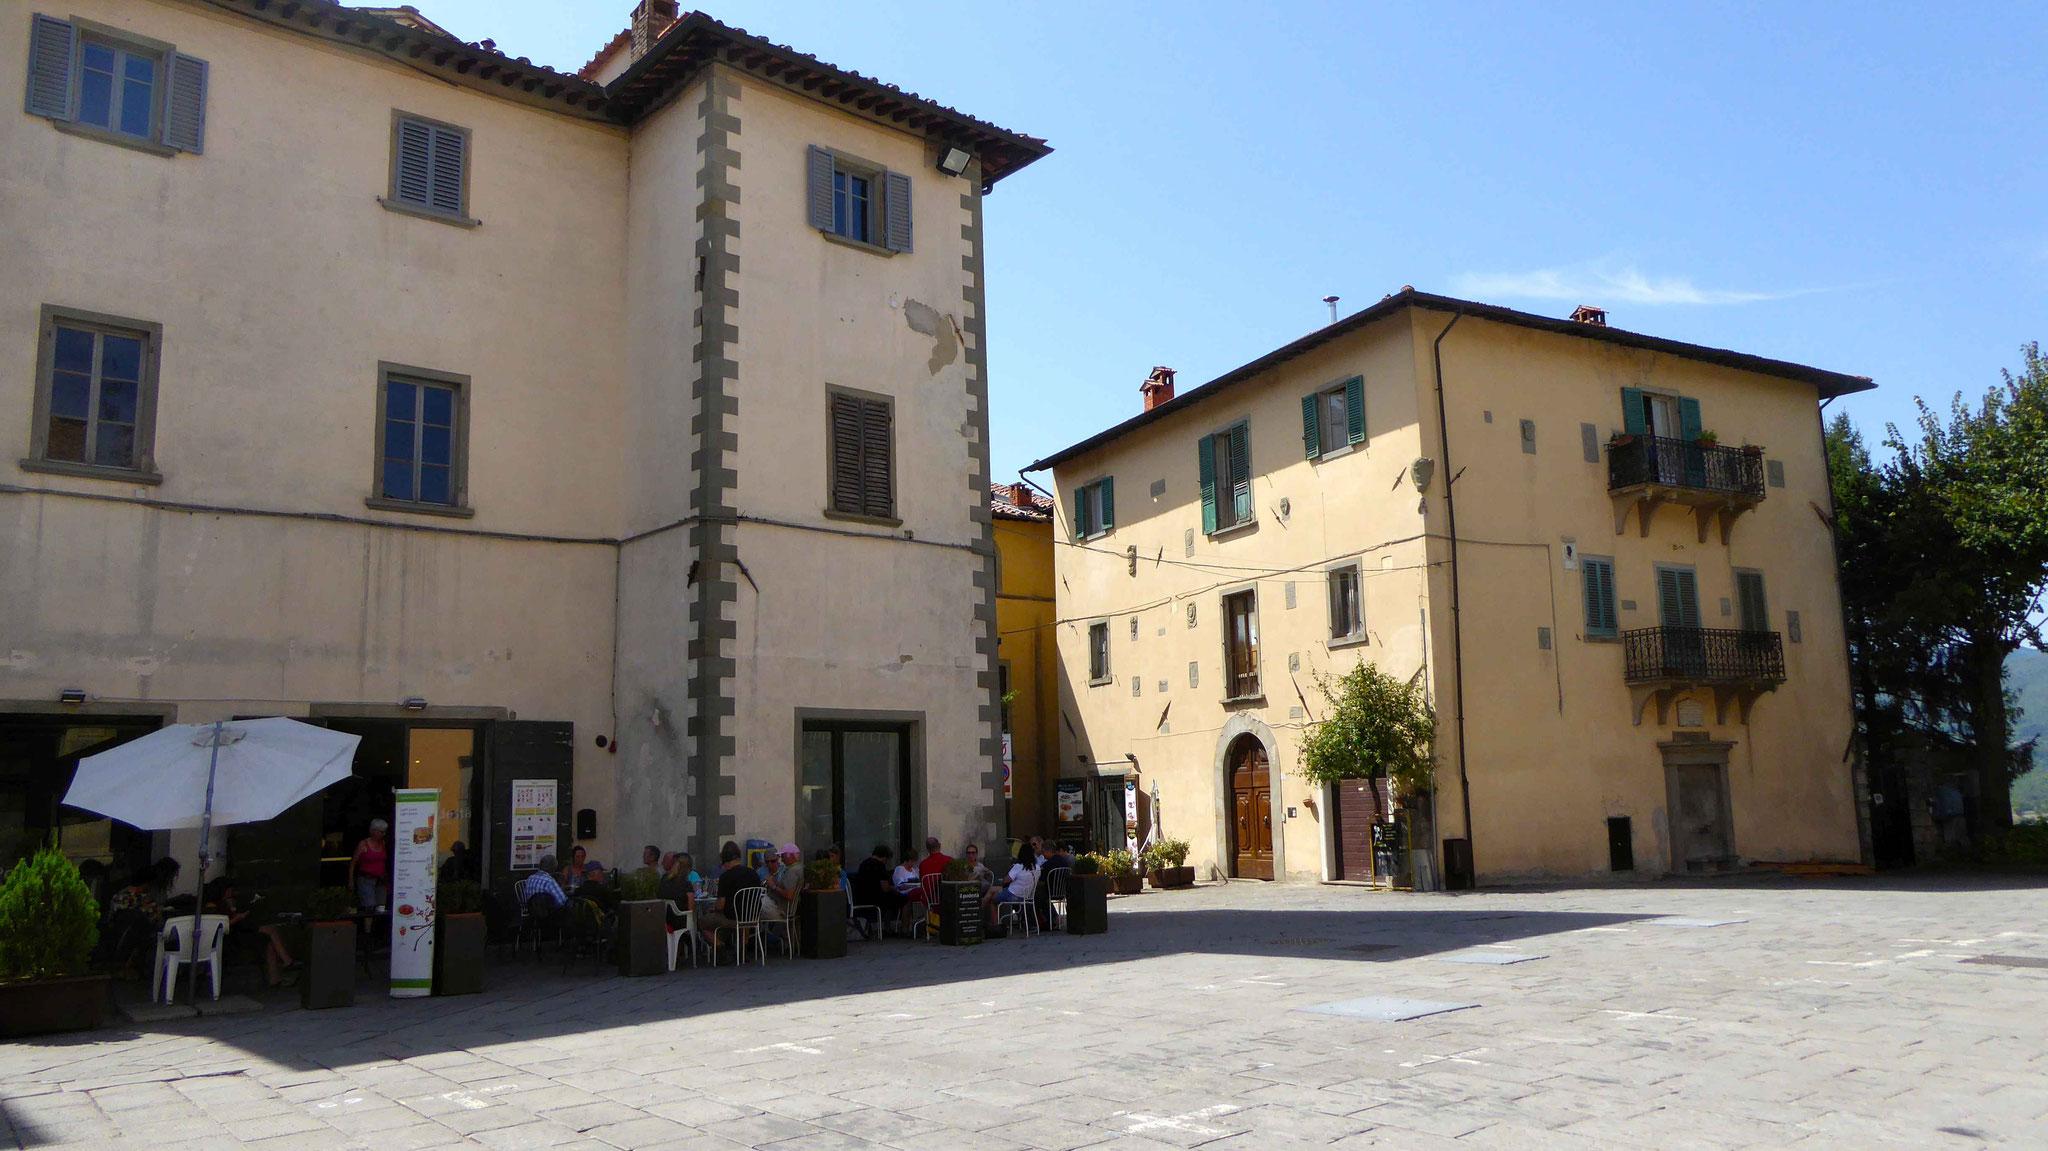 Auf der Piazza in Bibbiena